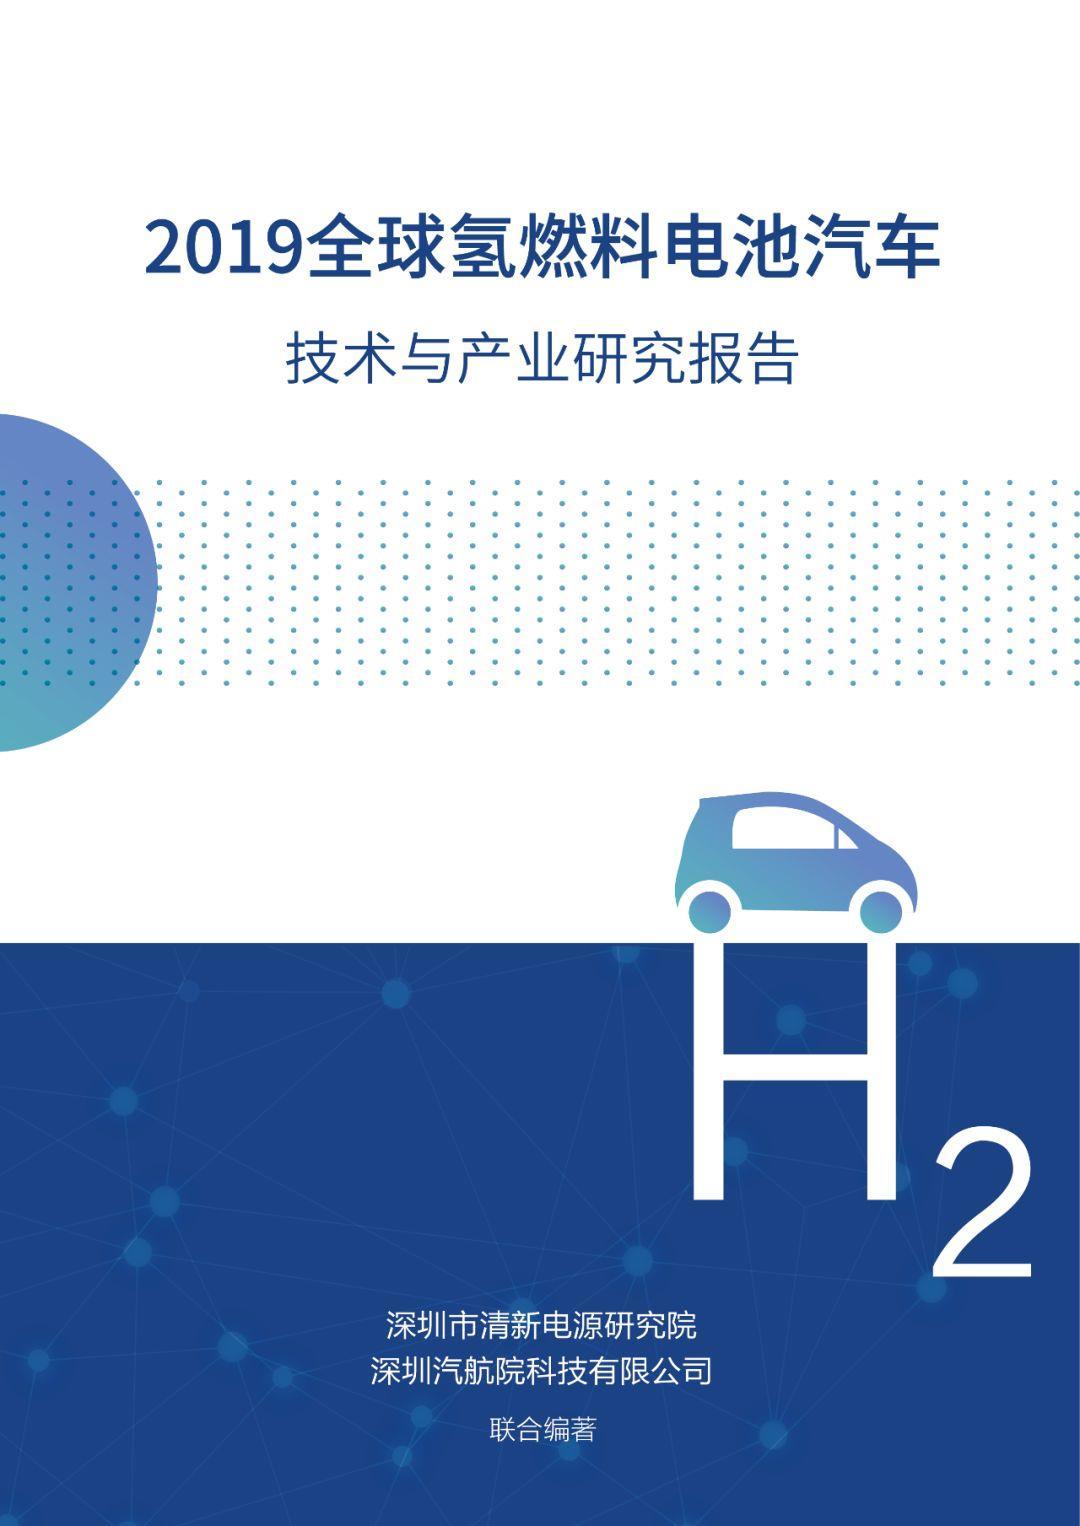 氢燃料电池关键技术开发与测试培训 | 氢燃料电池汽车系列